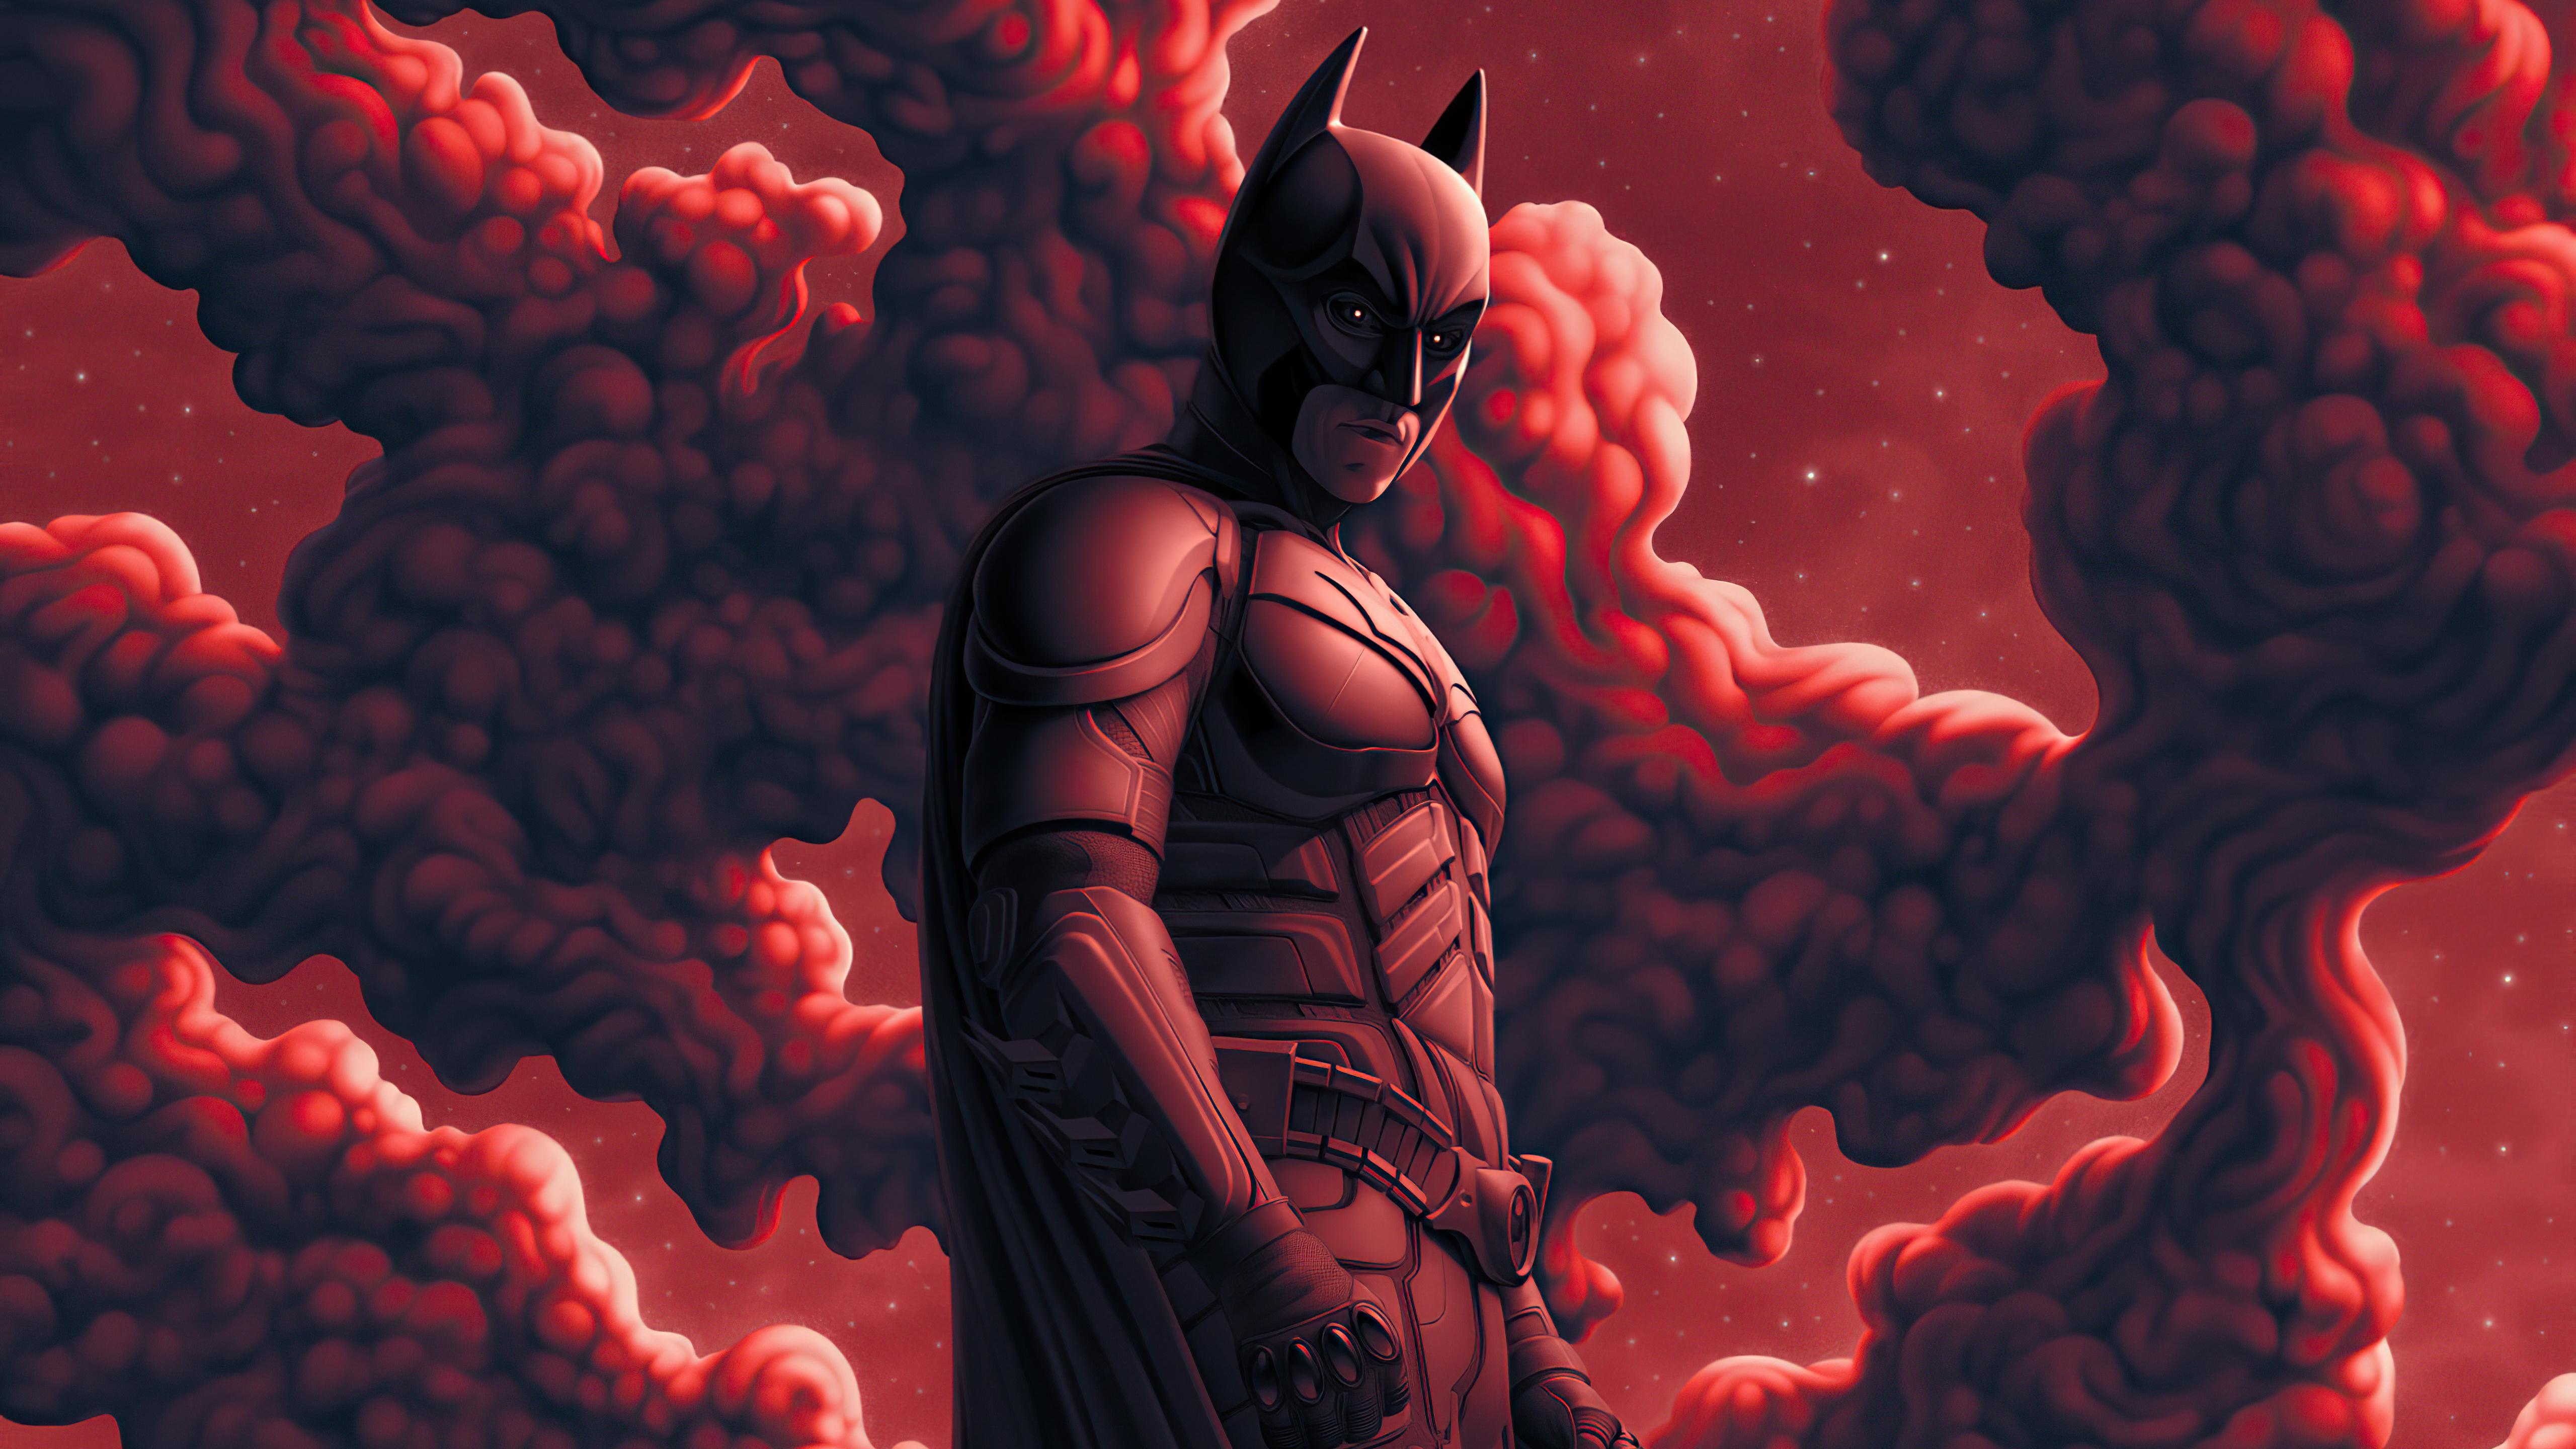 batman-the-dark-knight-5k-fo.jpg